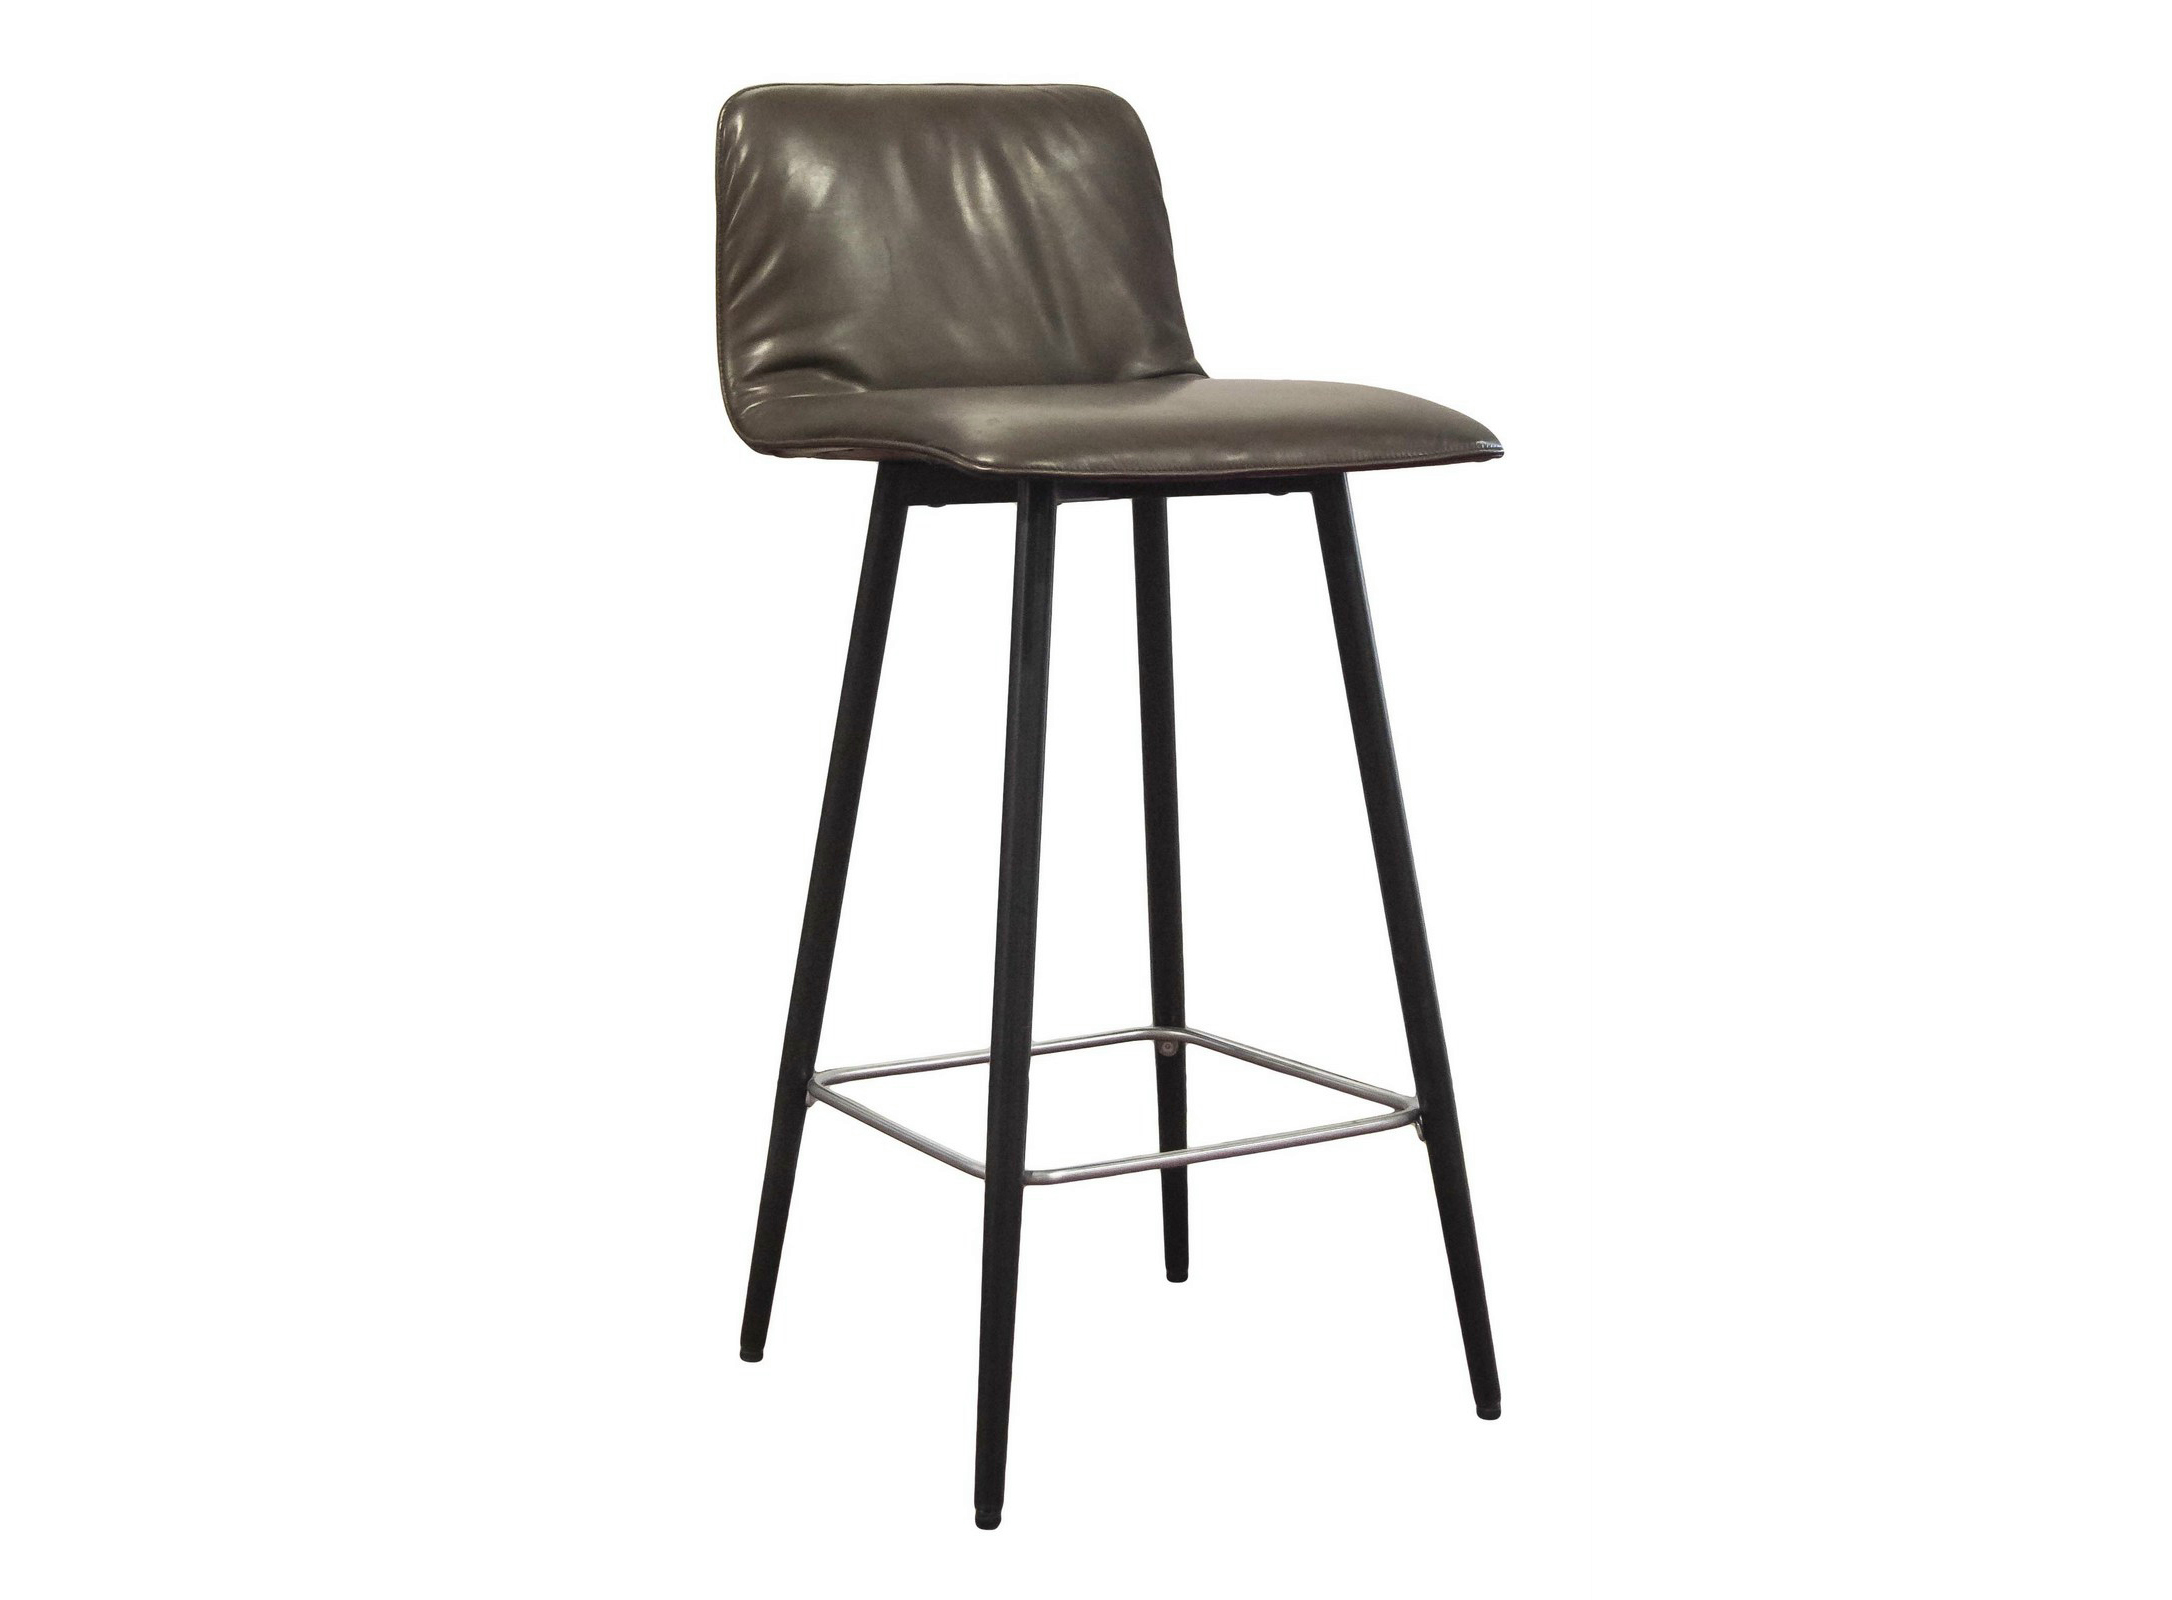 maverick casual stuhl by kff. Black Bedroom Furniture Sets. Home Design Ideas